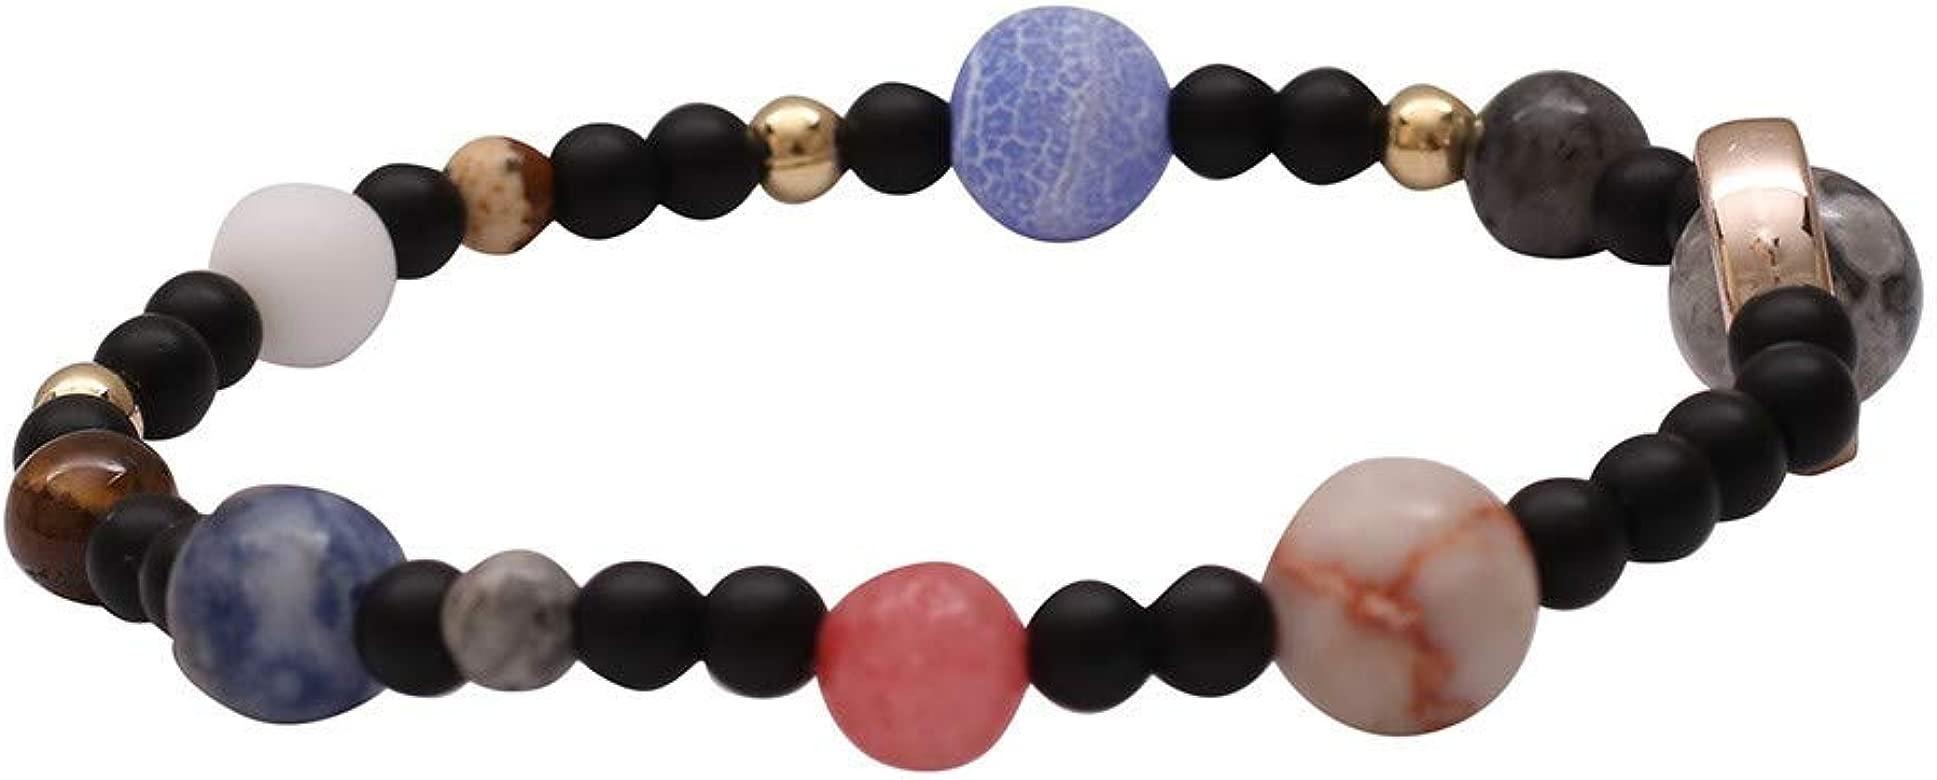 OPAKY Hombres Mujeres Piedra Natural Vía Láctea Beads Yoga ...